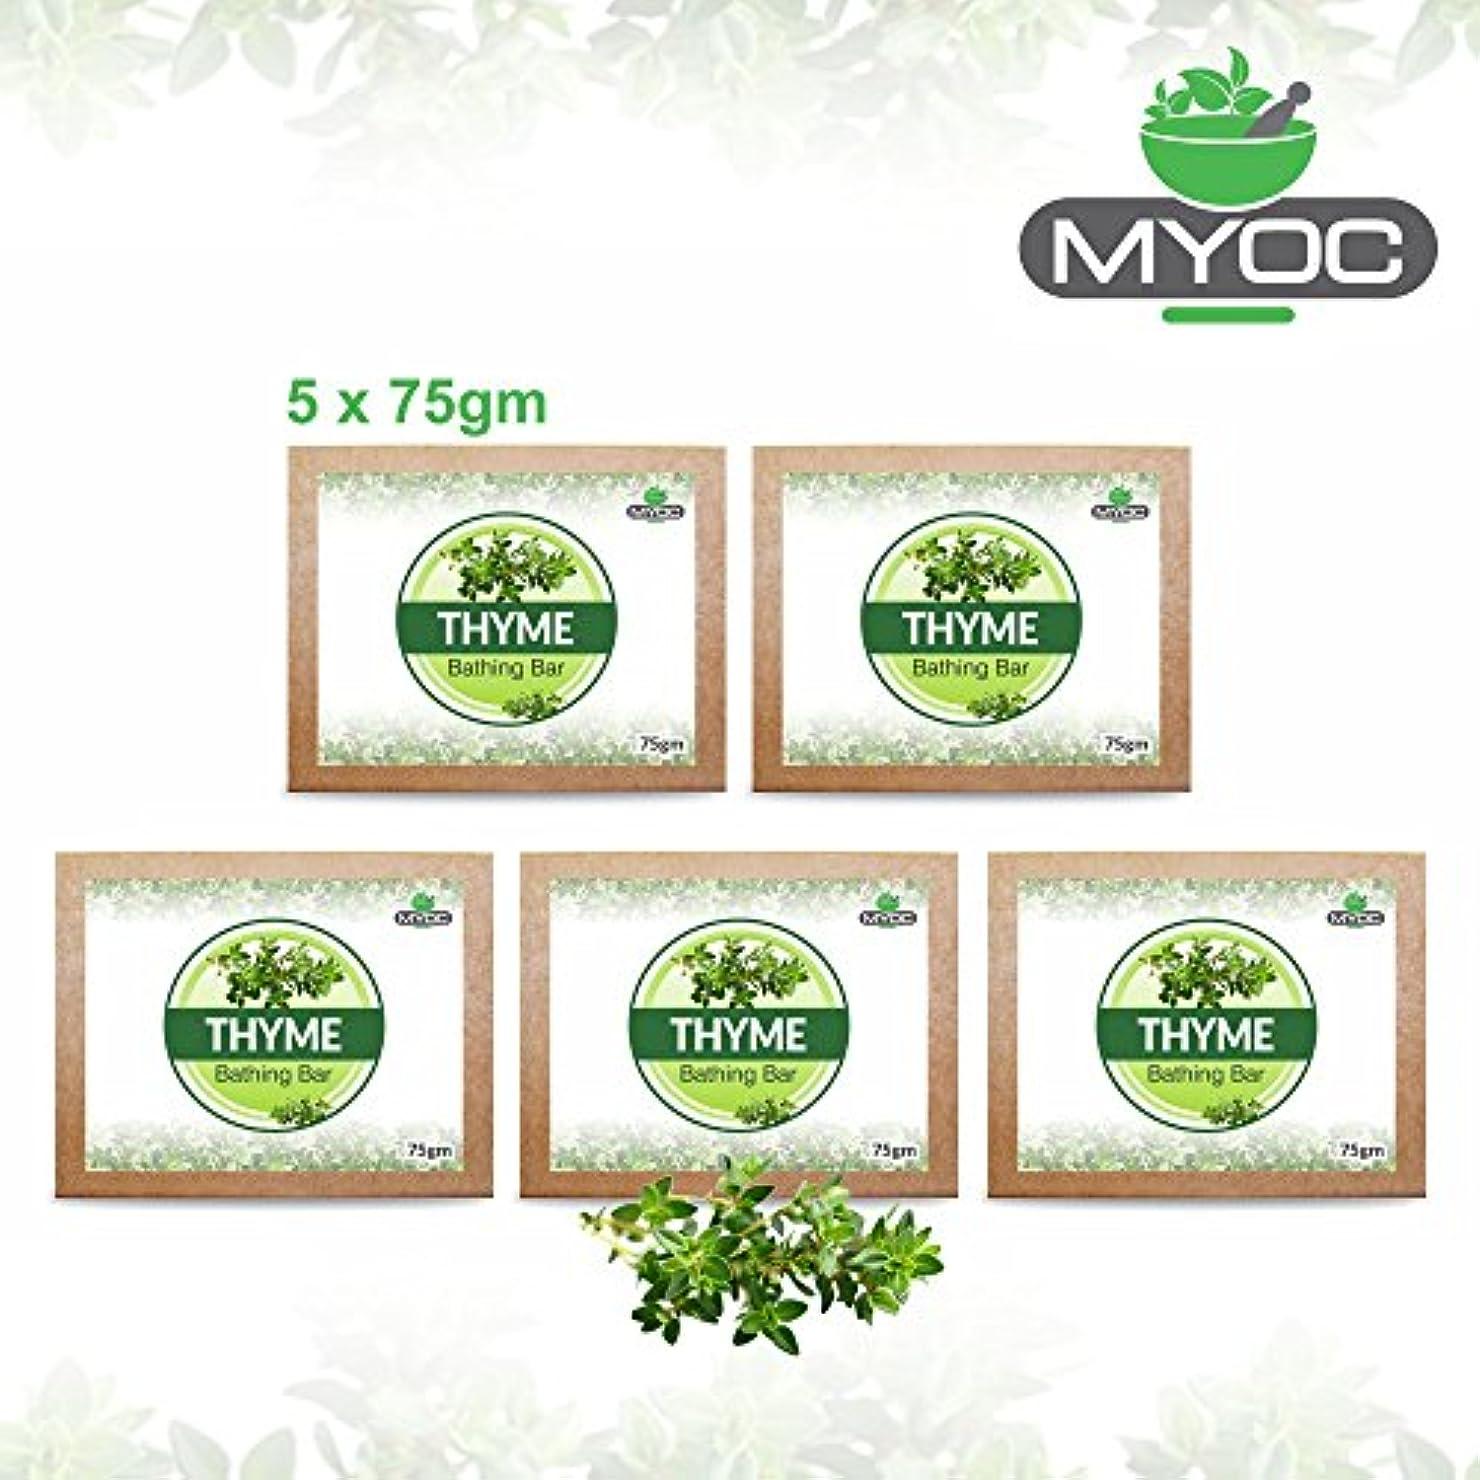 約設定穀物割り当てThyme Oil And Vitamin E Soap For bad odour, acne free and athletes foot 75g x 5 Pack